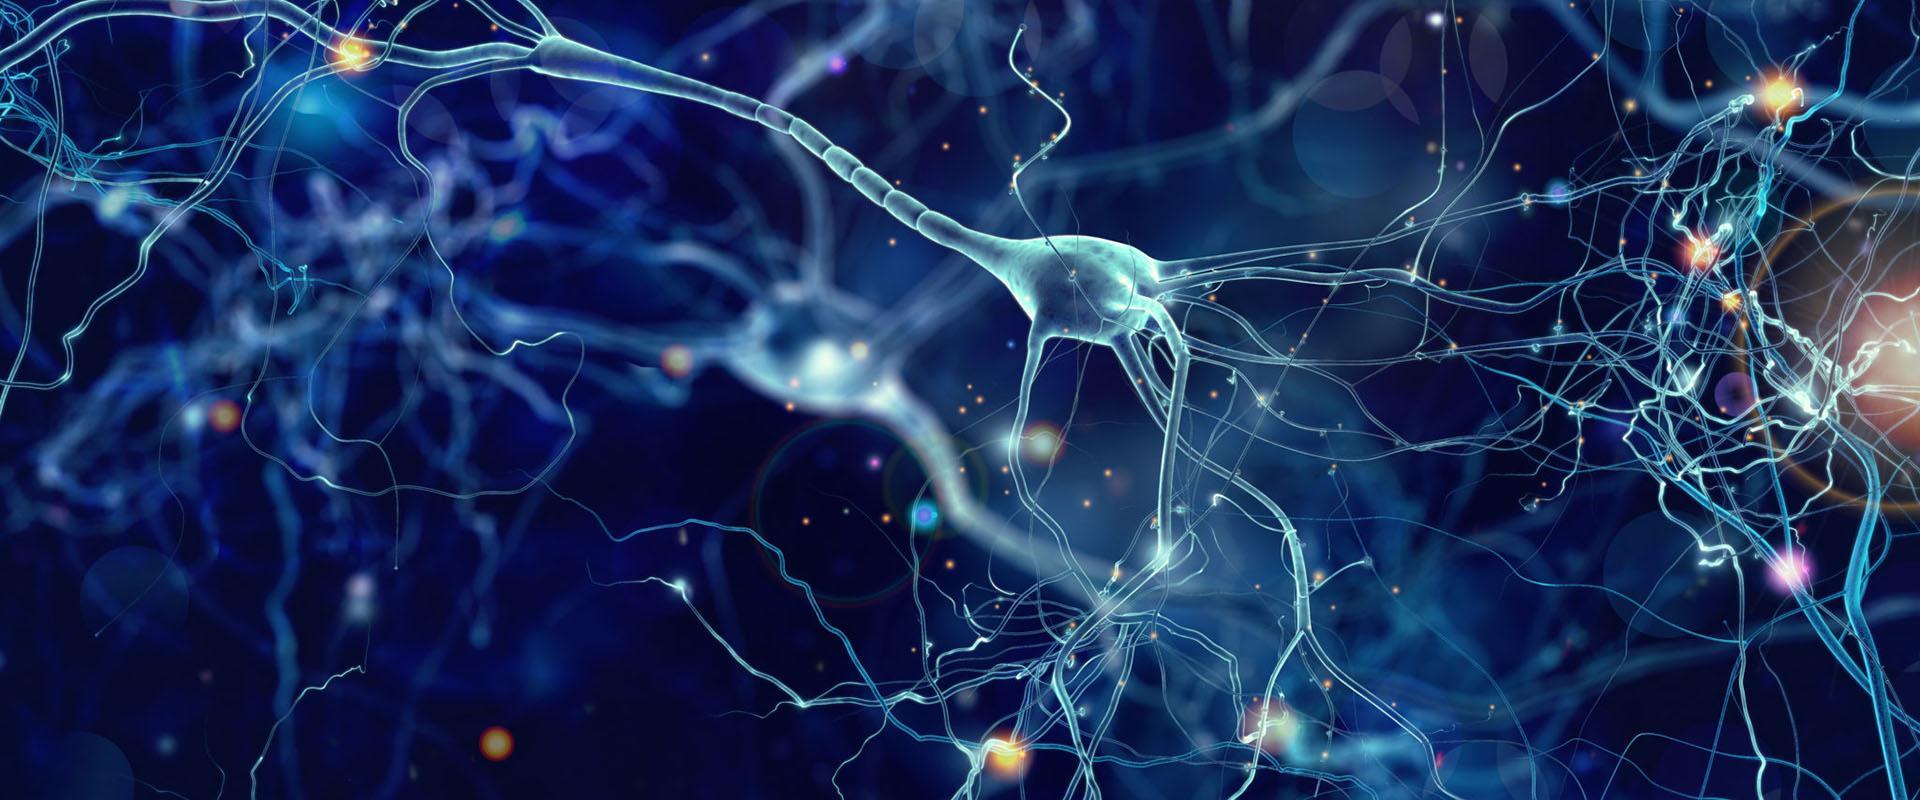 Установлена связь между двумя звеньями патогенеза болезни Альцгеймера